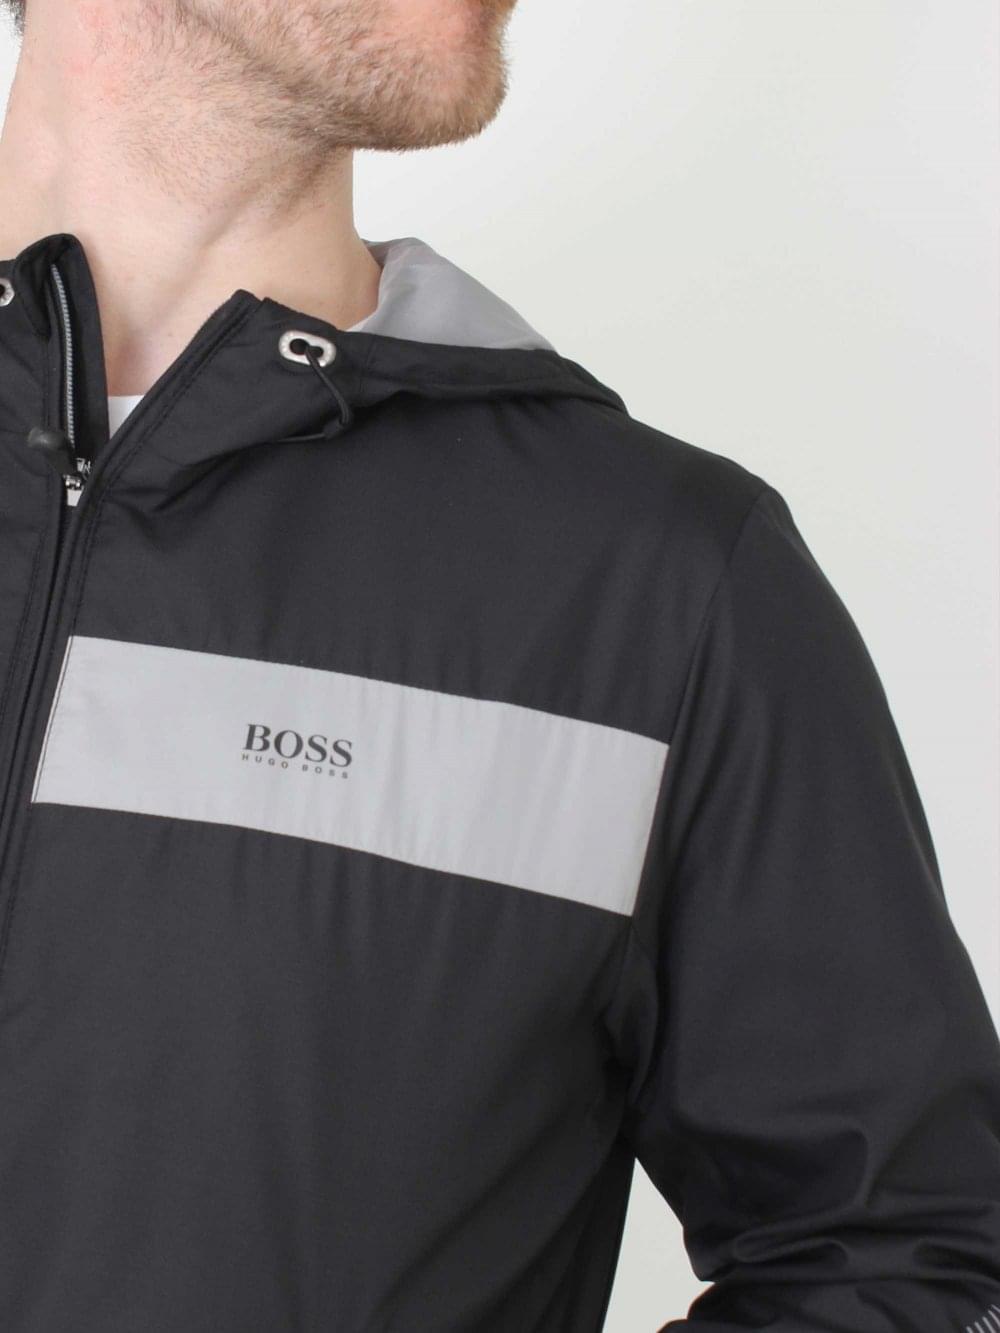 Hugo Boss Jeltech 1 Jacket in Black